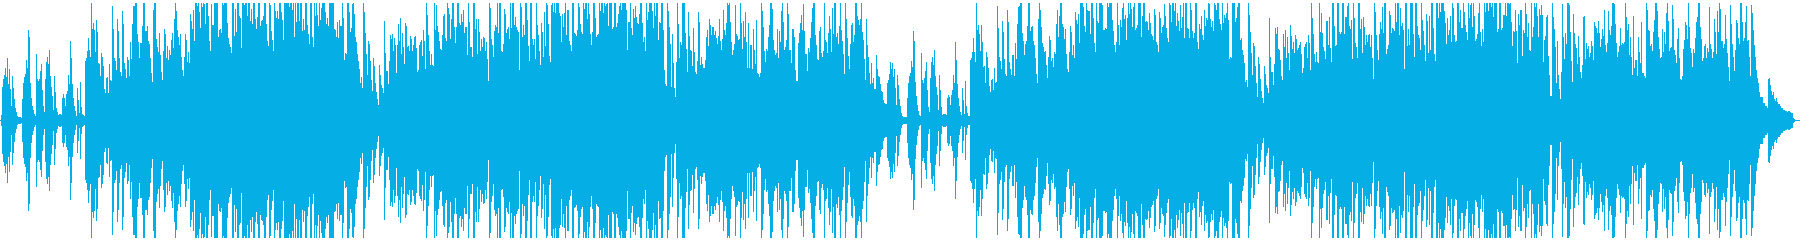 和風 ドラマチックなピアノ曲の再生済みの波形